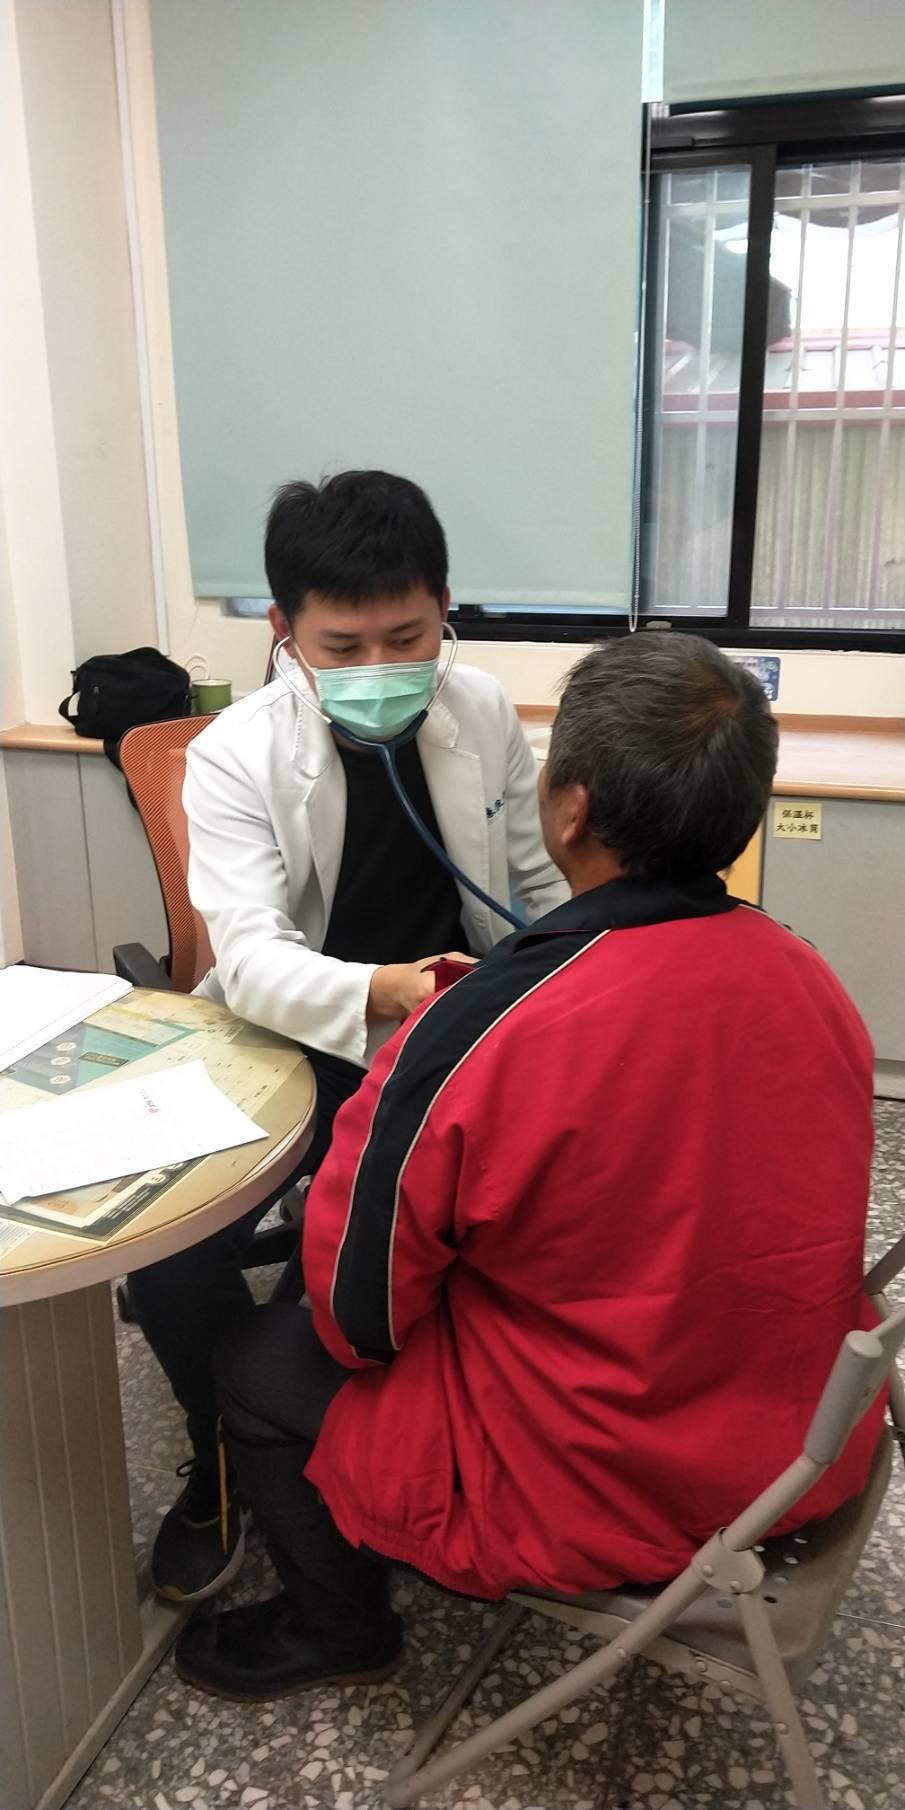 苗栗市衛生所公費醫師陳俊宇提供居家醫療服務,良好的醫病關係成了「意外」收穫。記者...